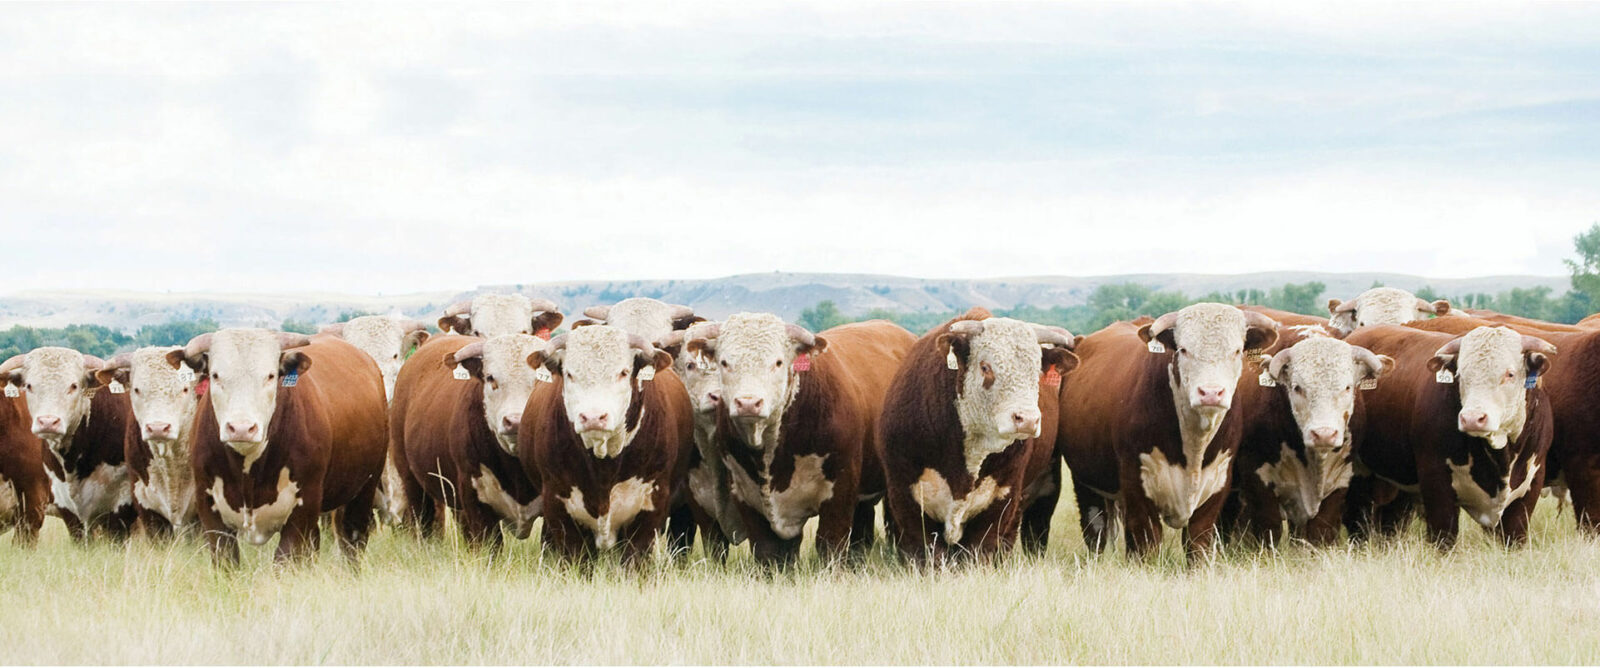 Проект фермы для откорма бычков крупного рогатого скота